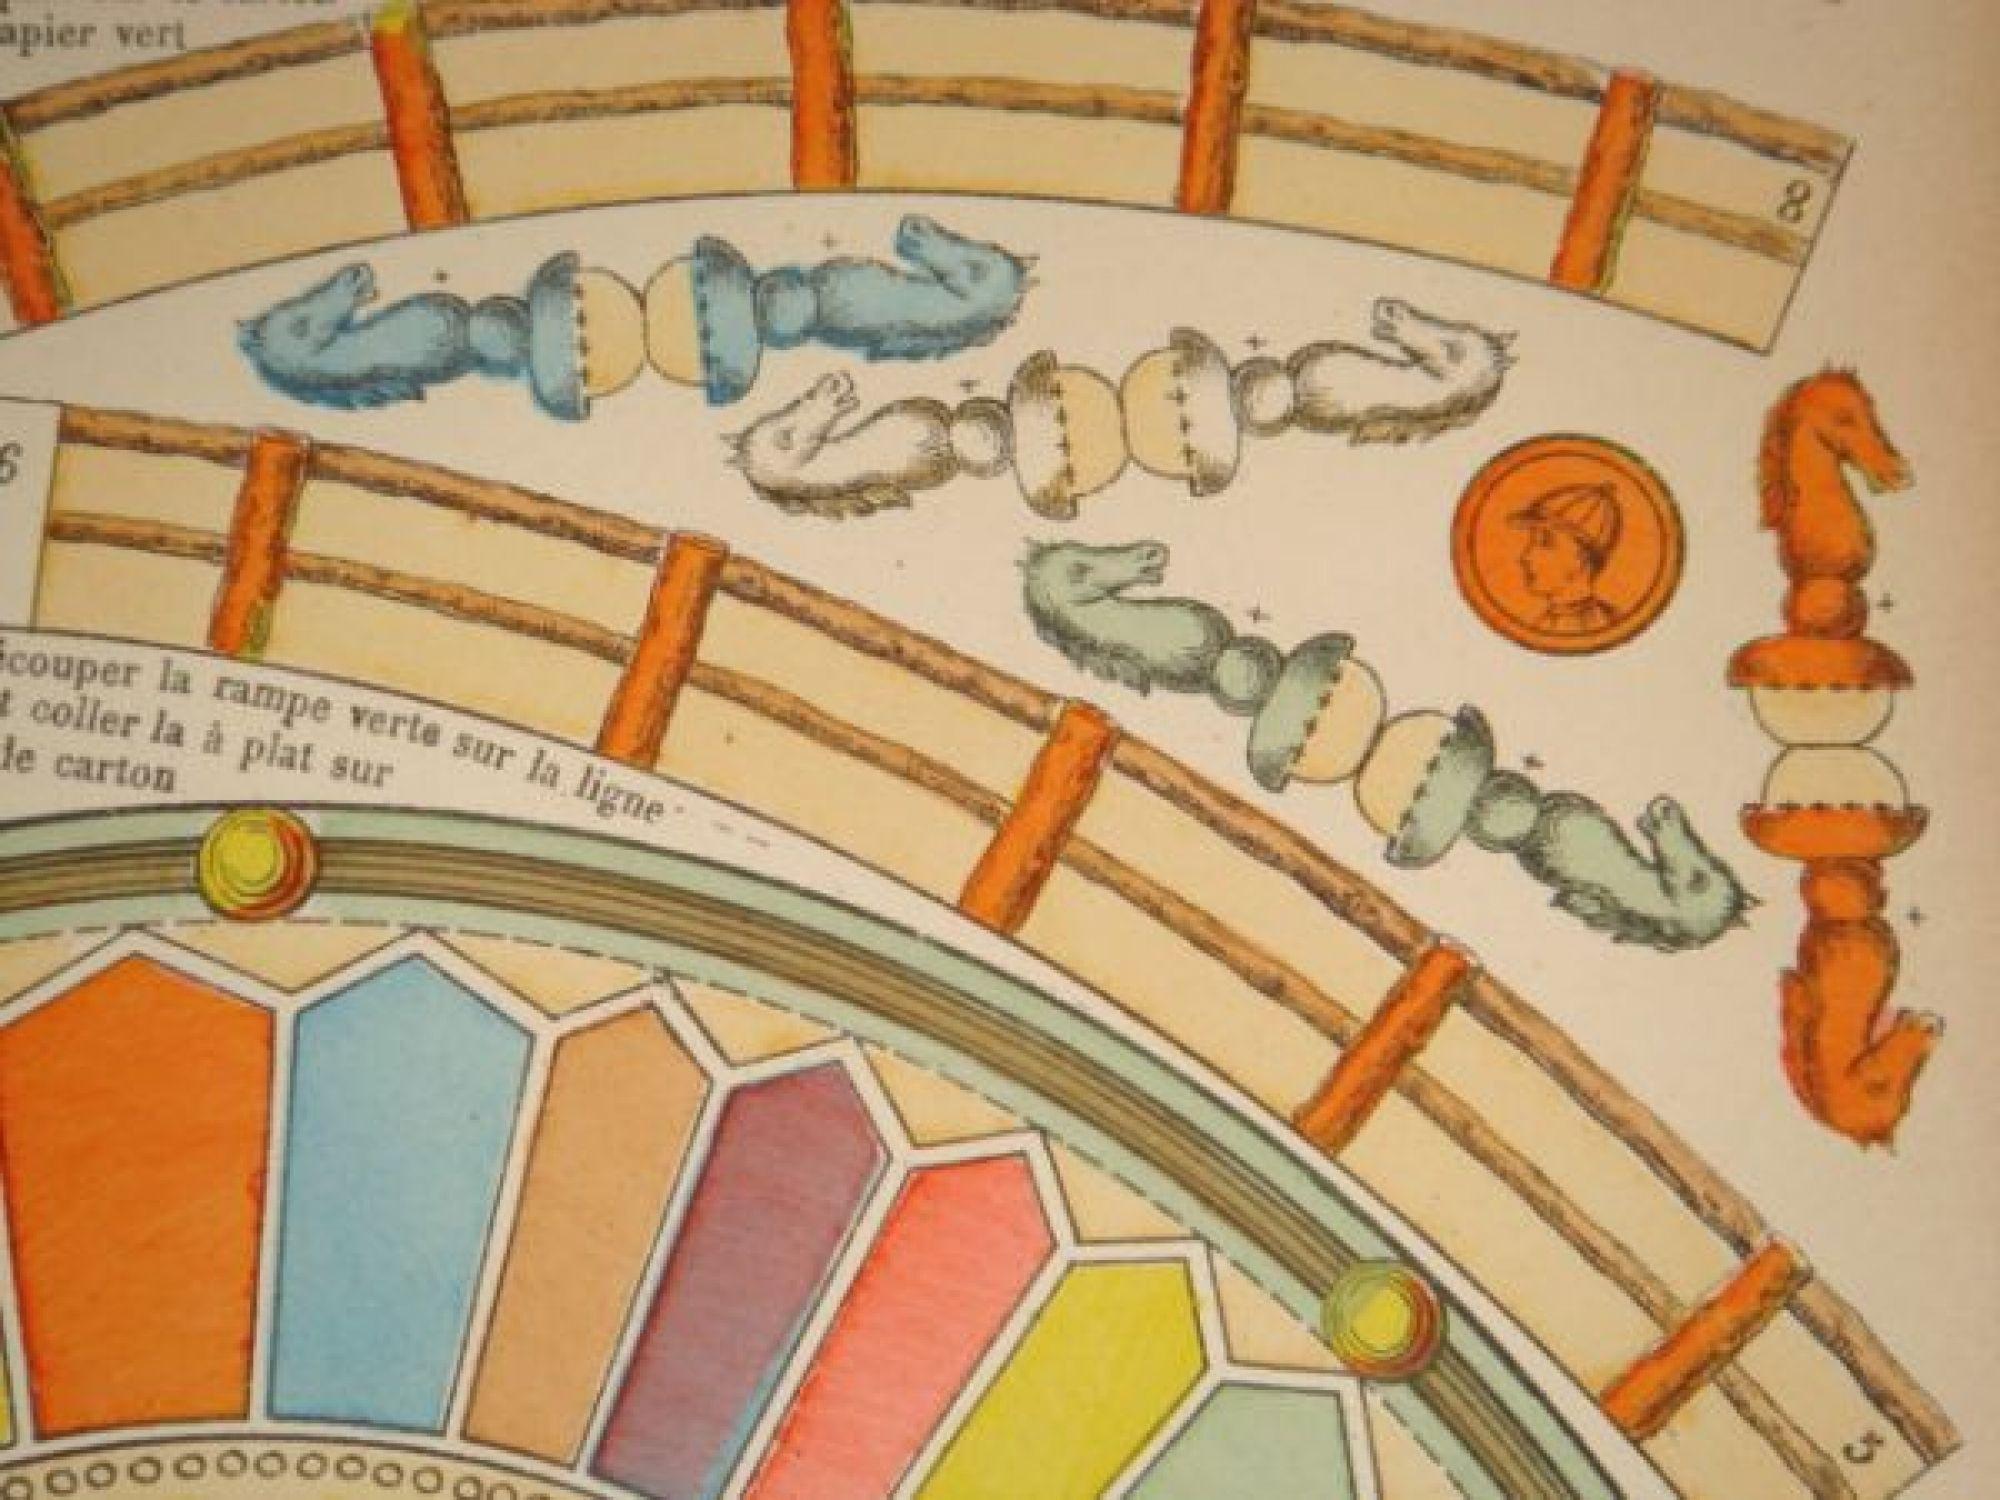 jouer au tarot en ligne gratuit a 5 Bienvenue sur ce tirage de tarot  OUI NON gratuit et exclusif à TarotMarseillais.com, qui offre une réponse  divinatoire à ... e67c941f70c4